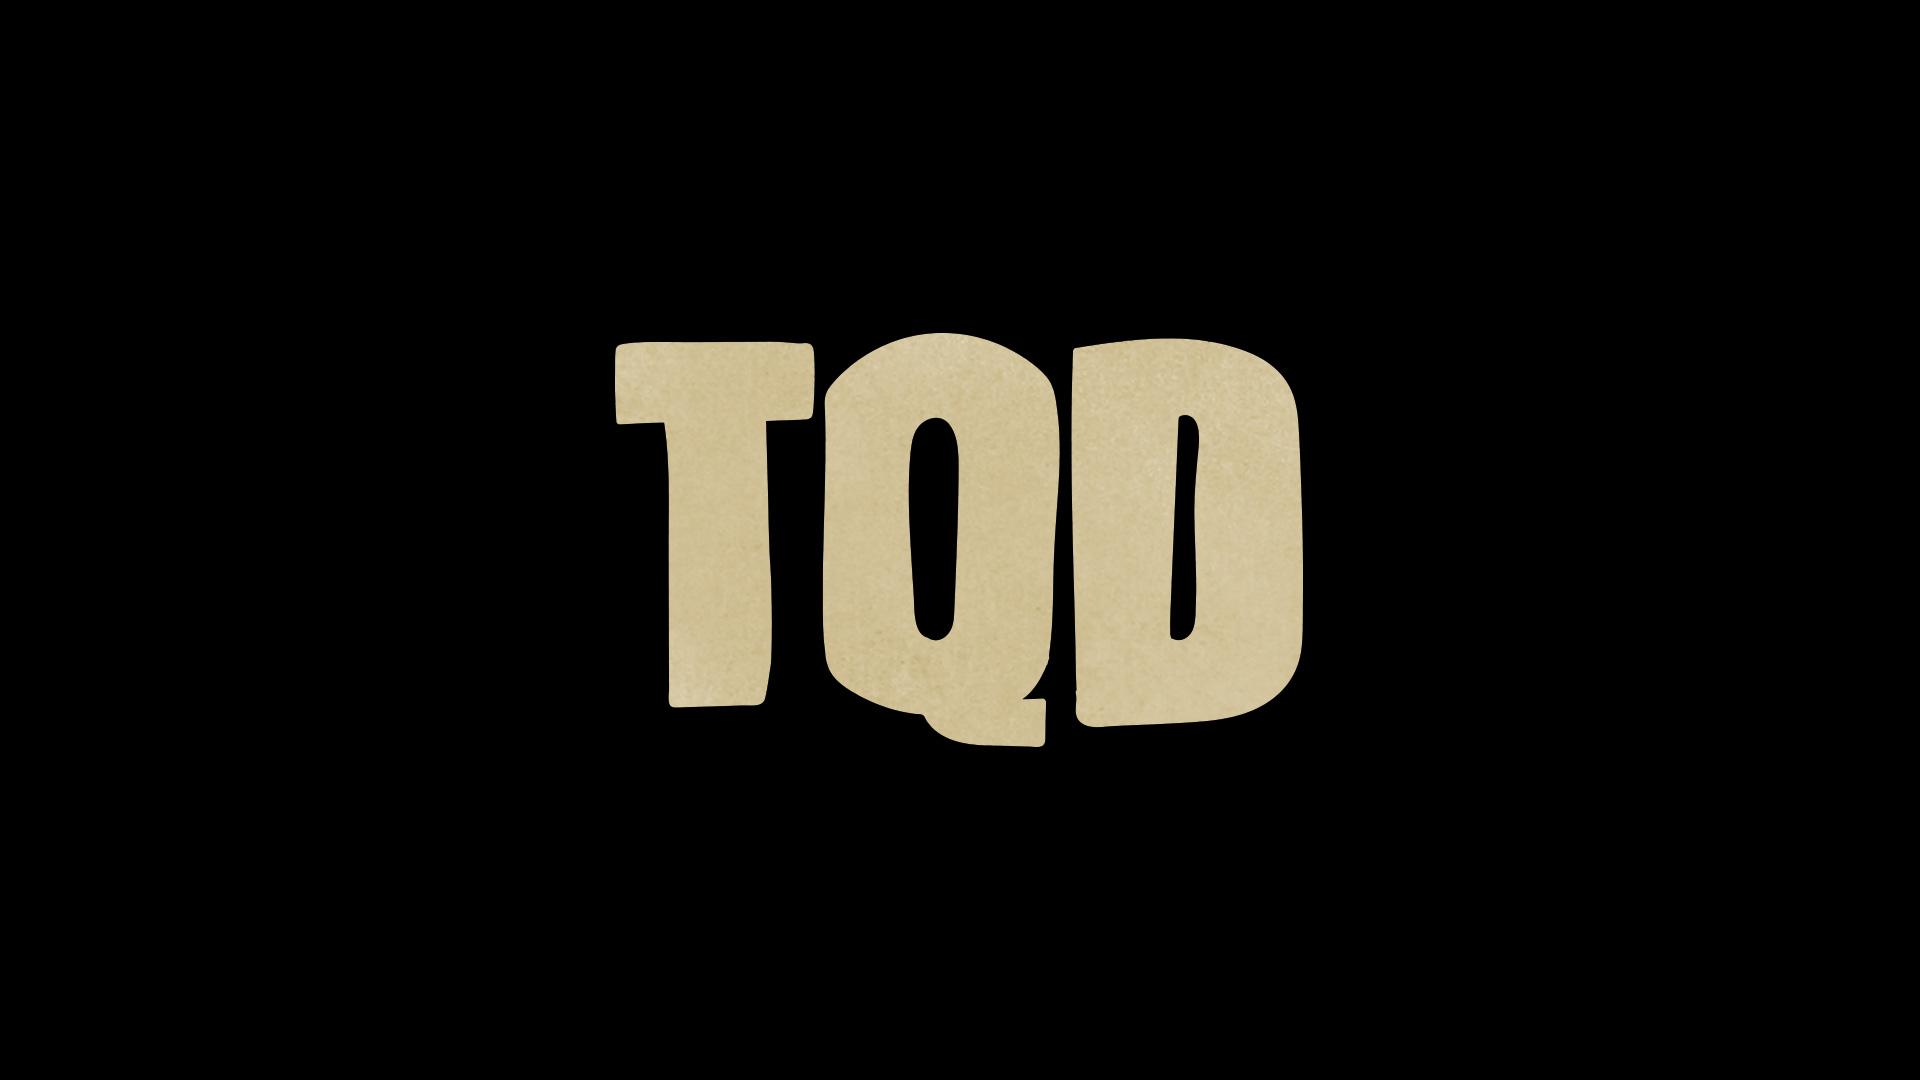 tqd-logo.jpg